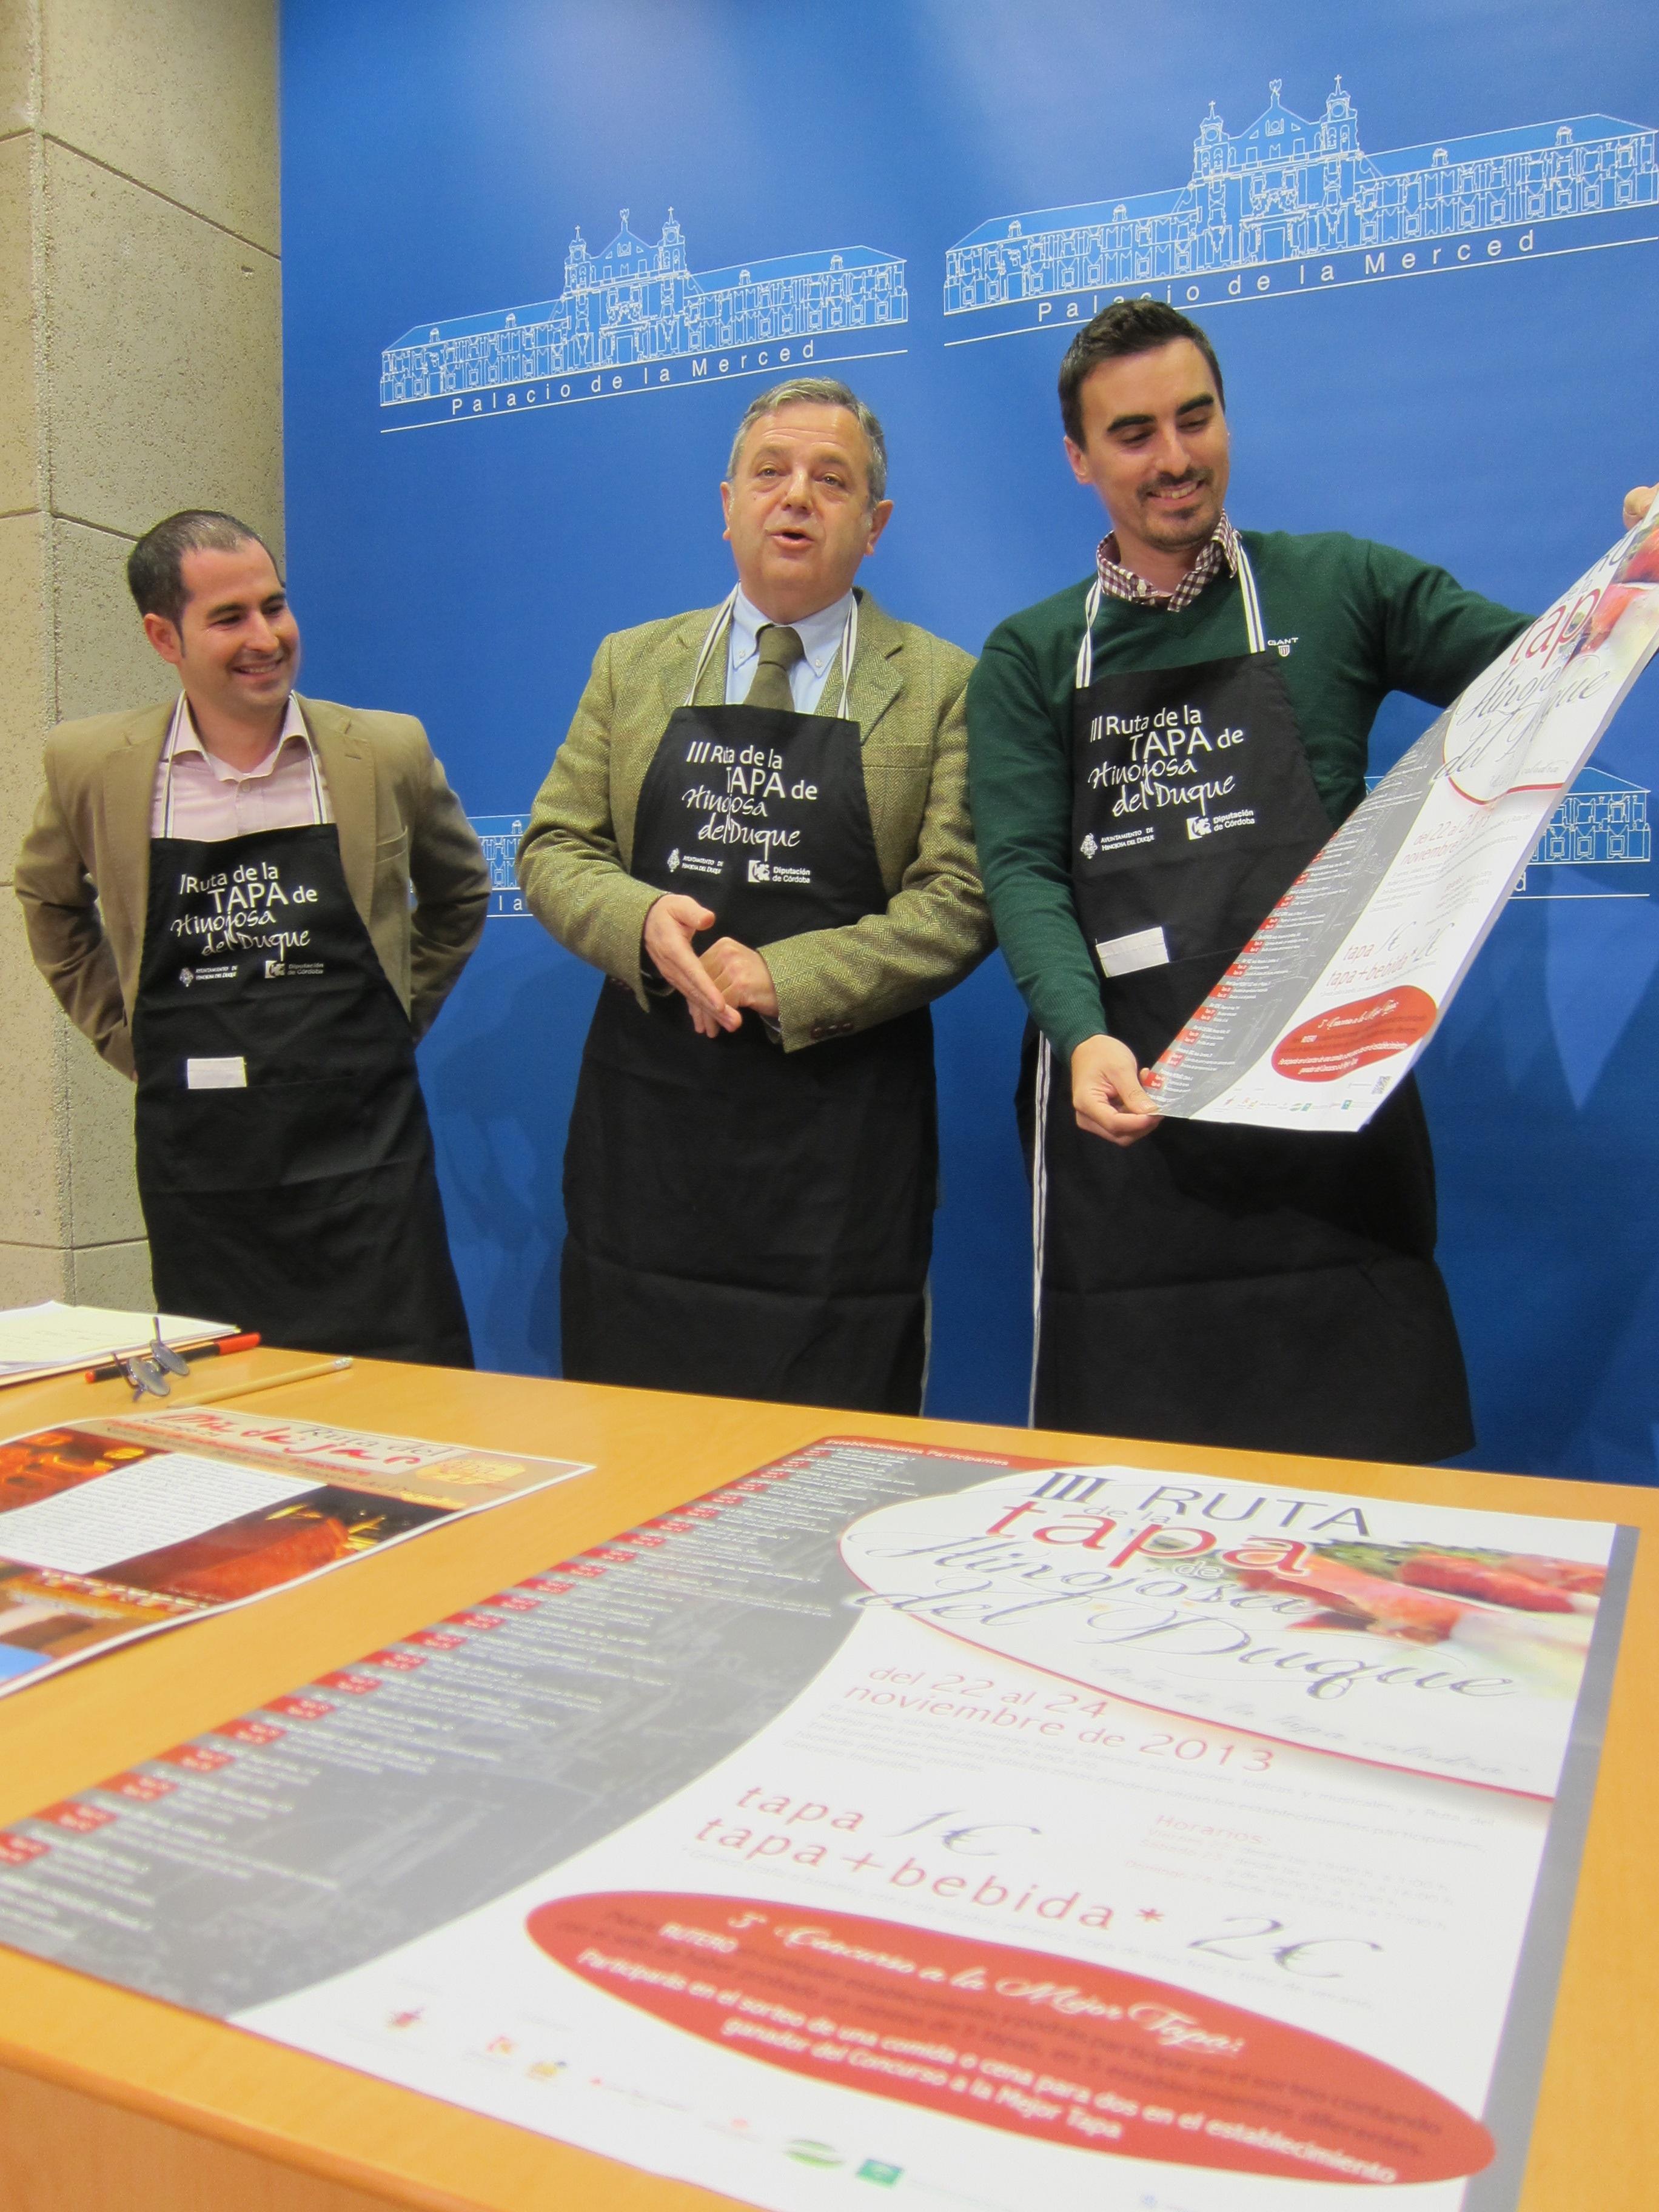 La III Ruta de la Tapa de Hinojosa muestra la riqueza gastronómica y patrimonial de Los Pedroches